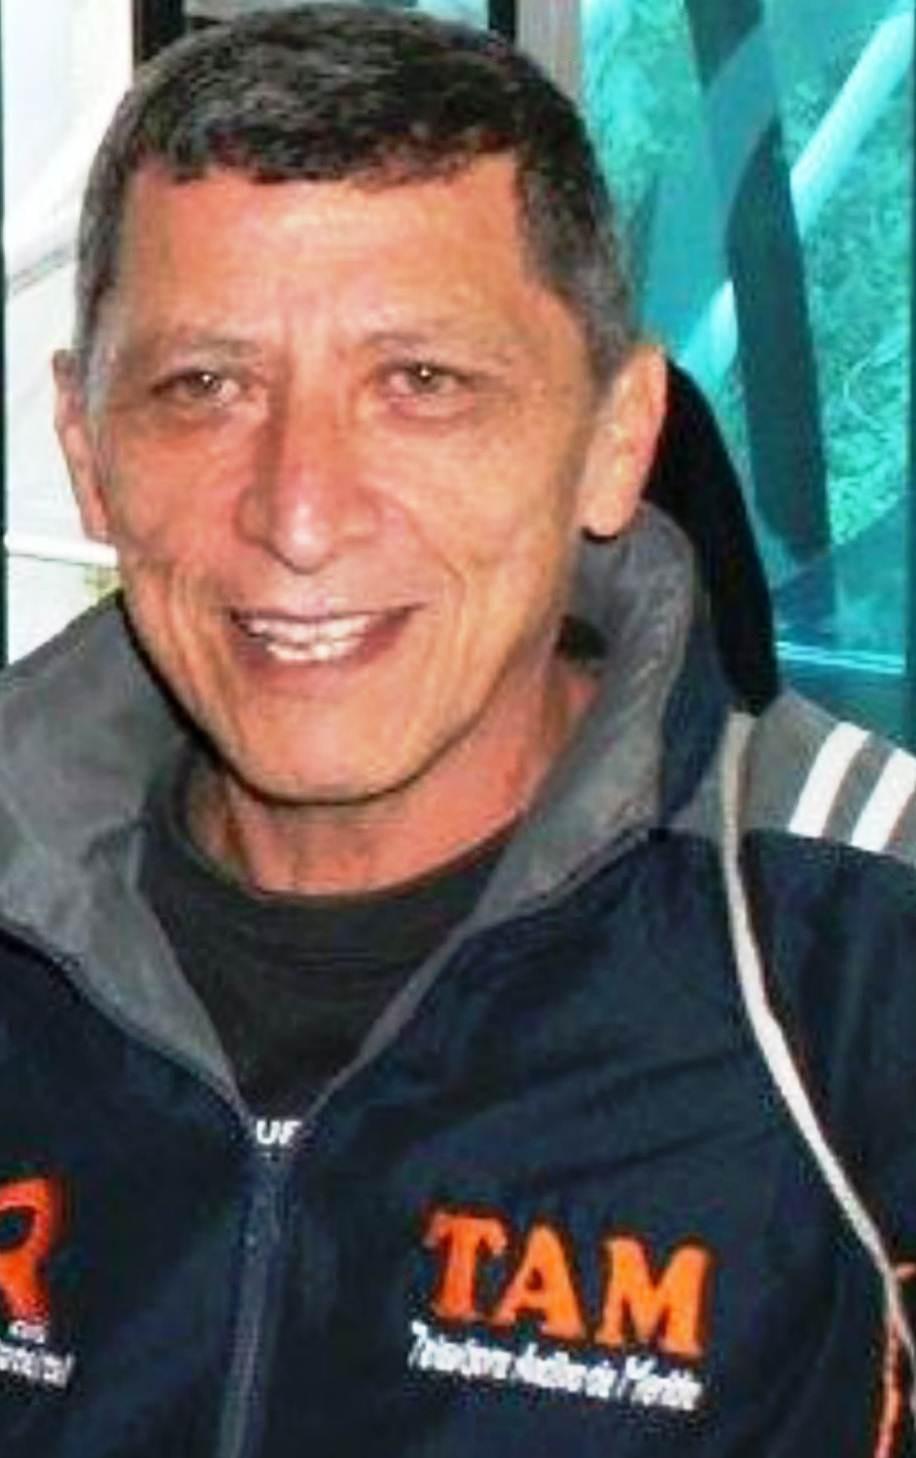 Néstor Trujillo Herrera, CARRUSEL DE LA FAMA DEL 22 DE AGOSTO DE 2021, Opinión,